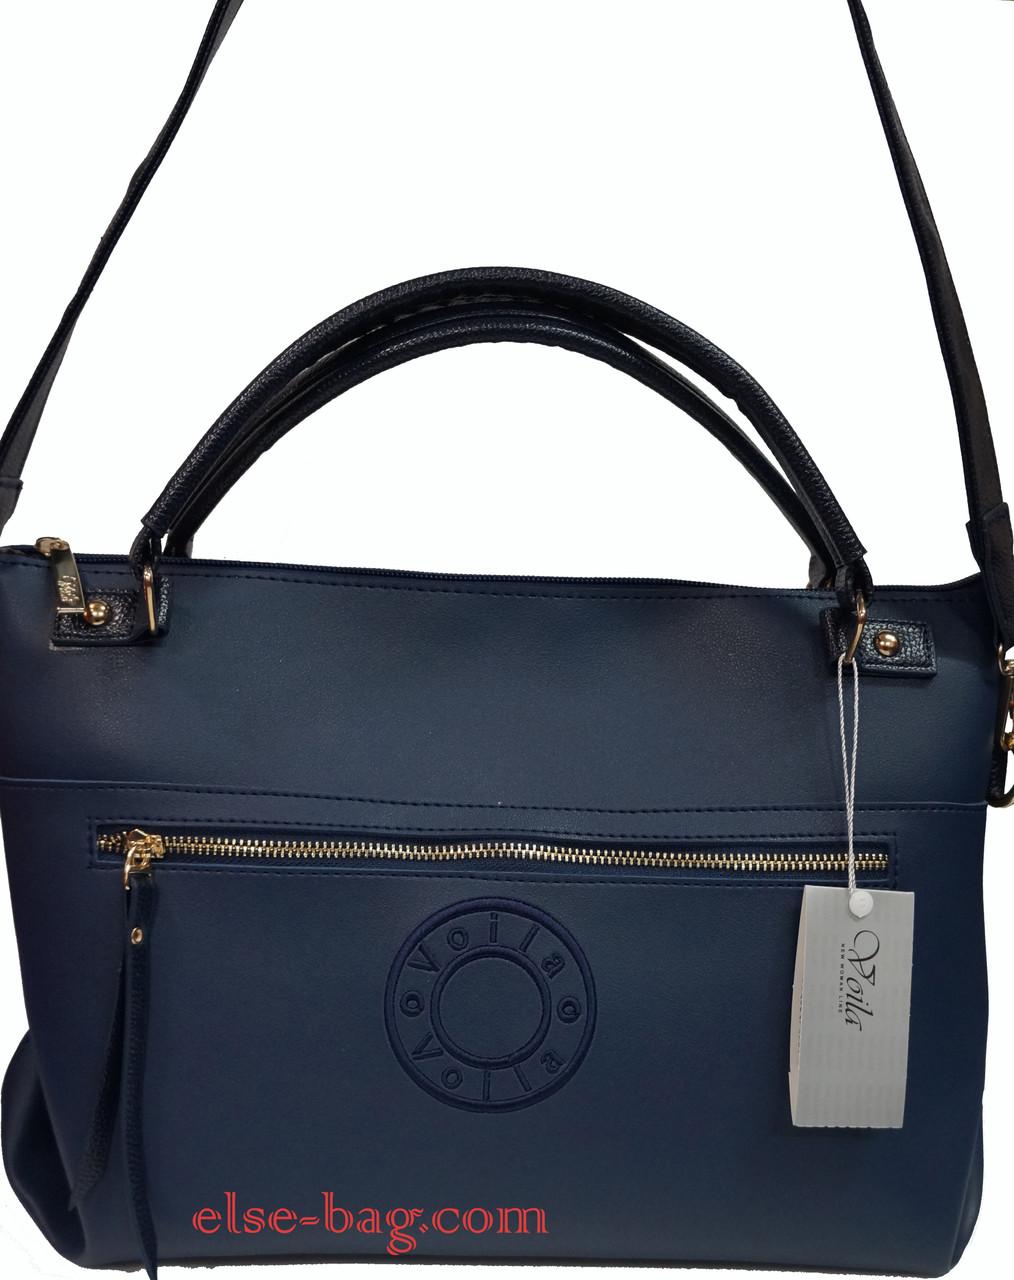 15fcf5d077a4 Женская сумка из экокожи с широким ремнем -